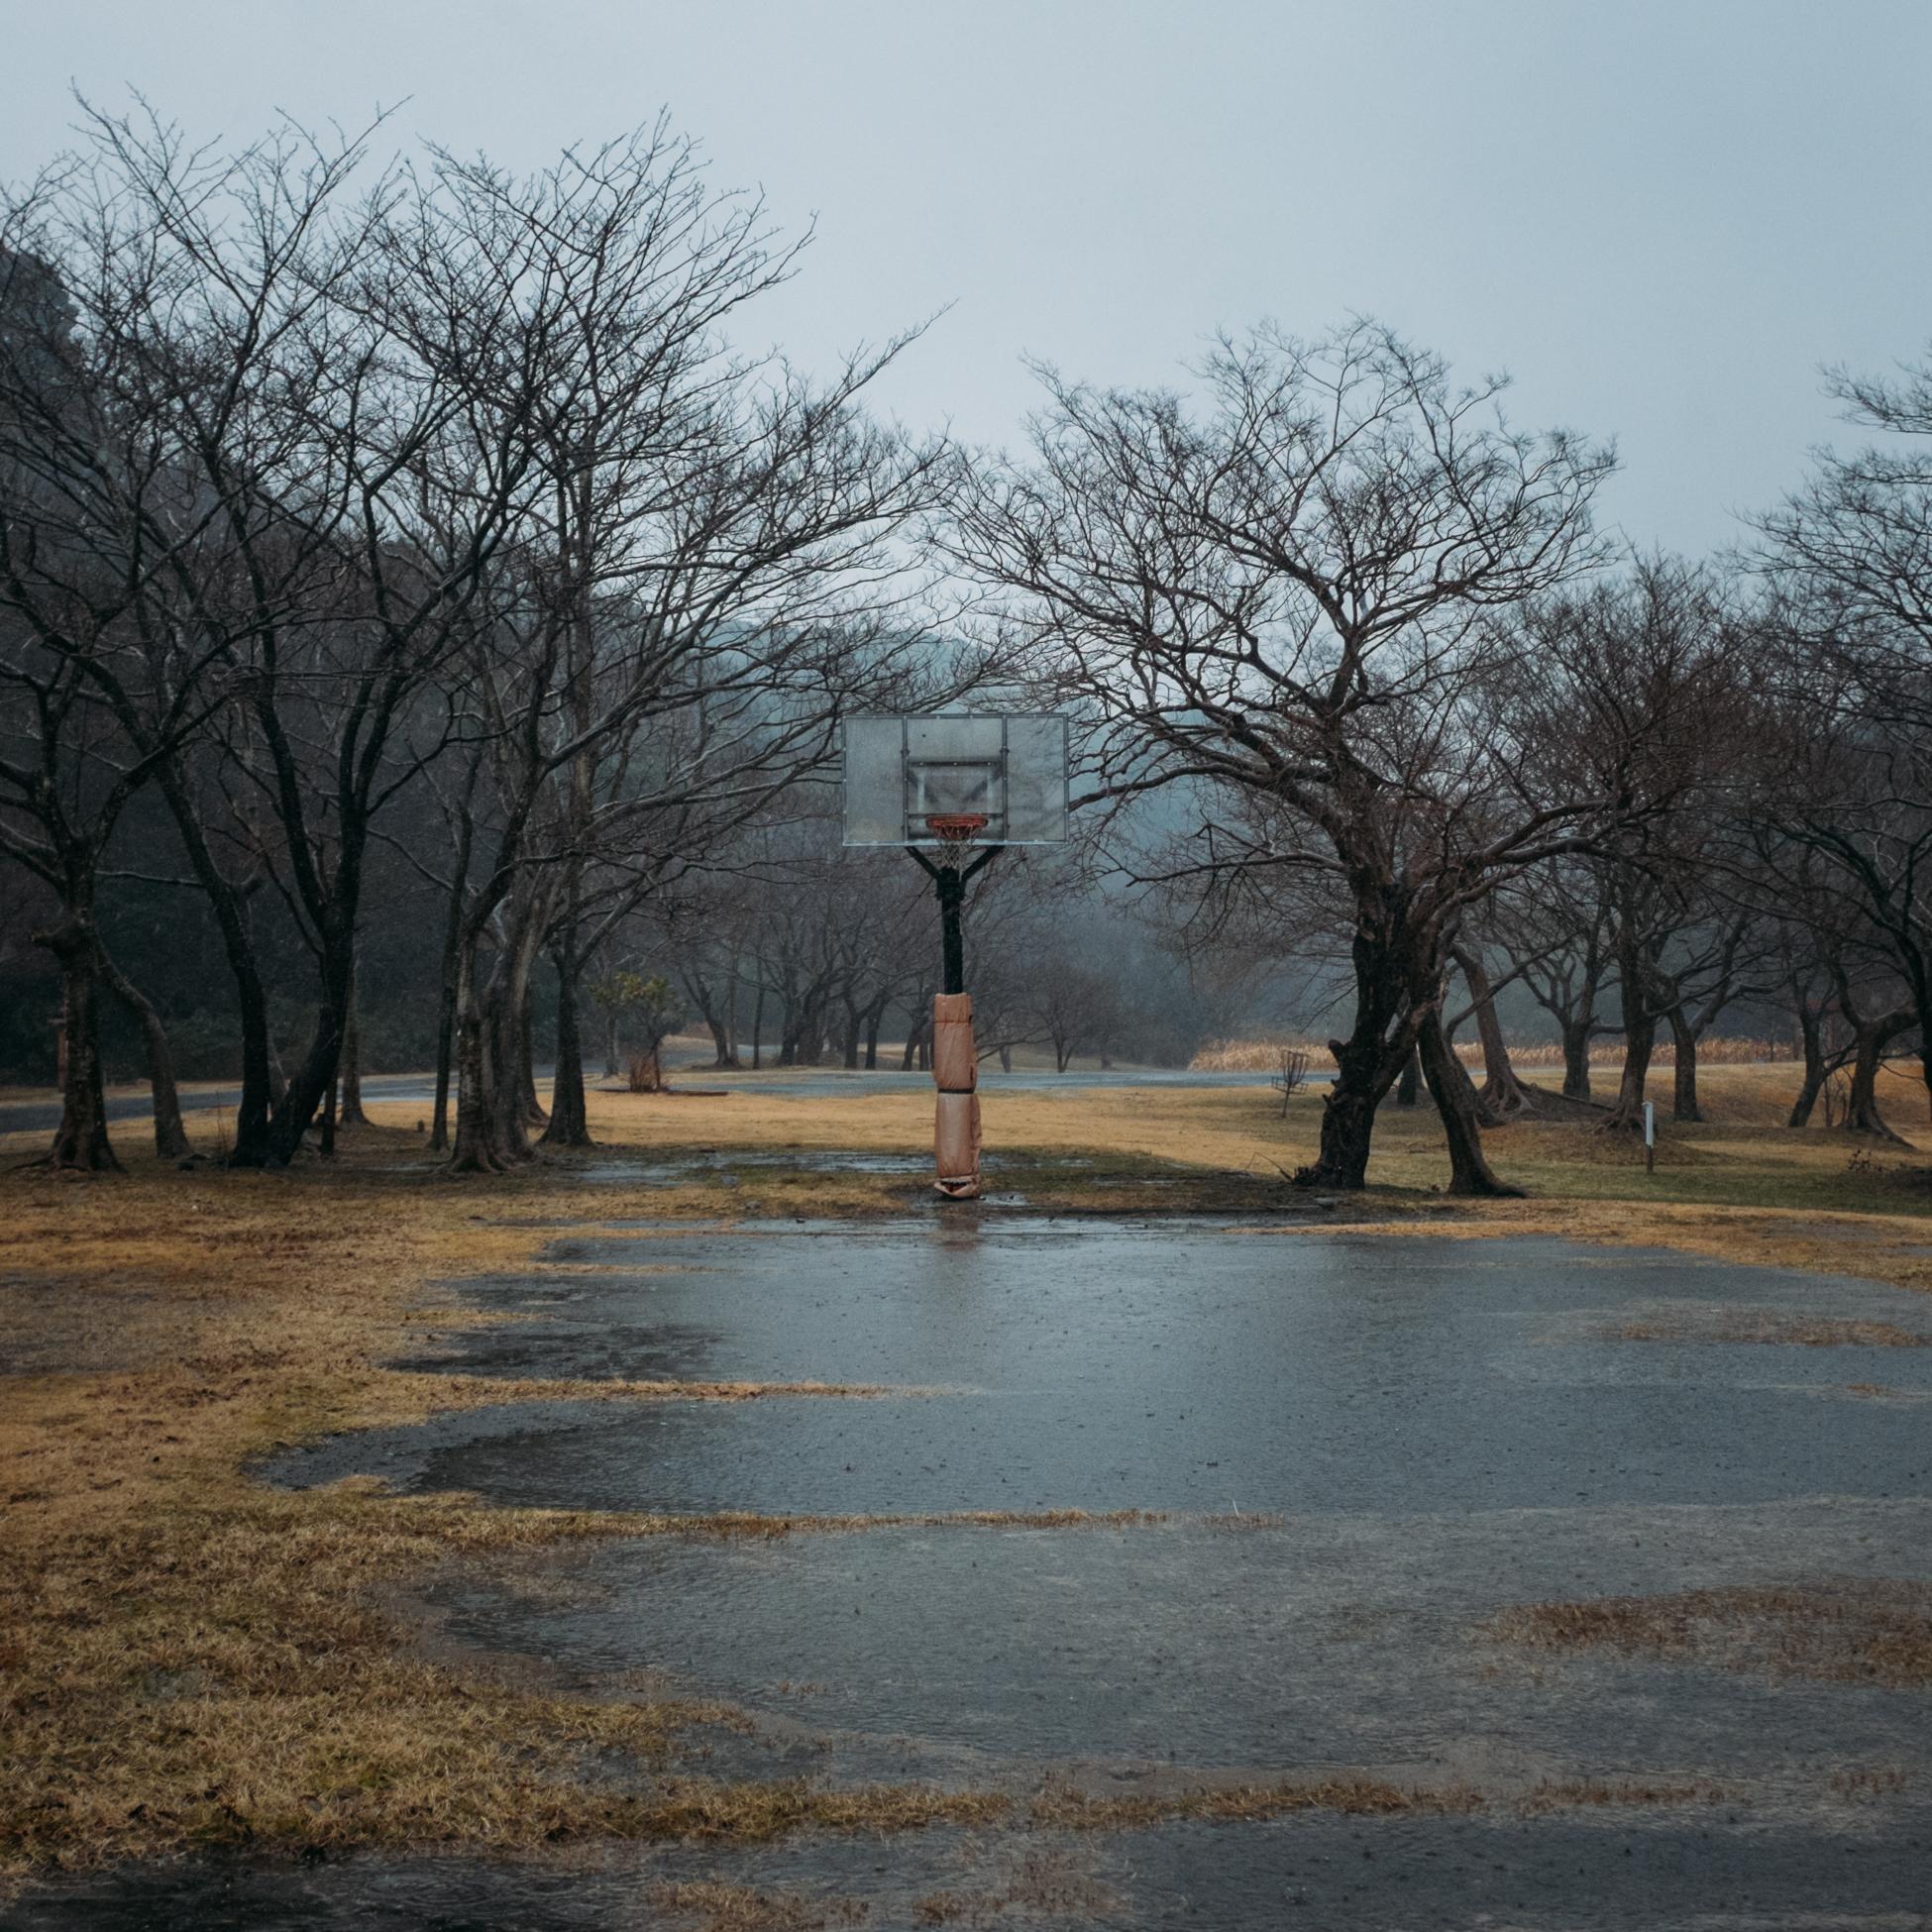 Basketball Hoop, Japan, 2016